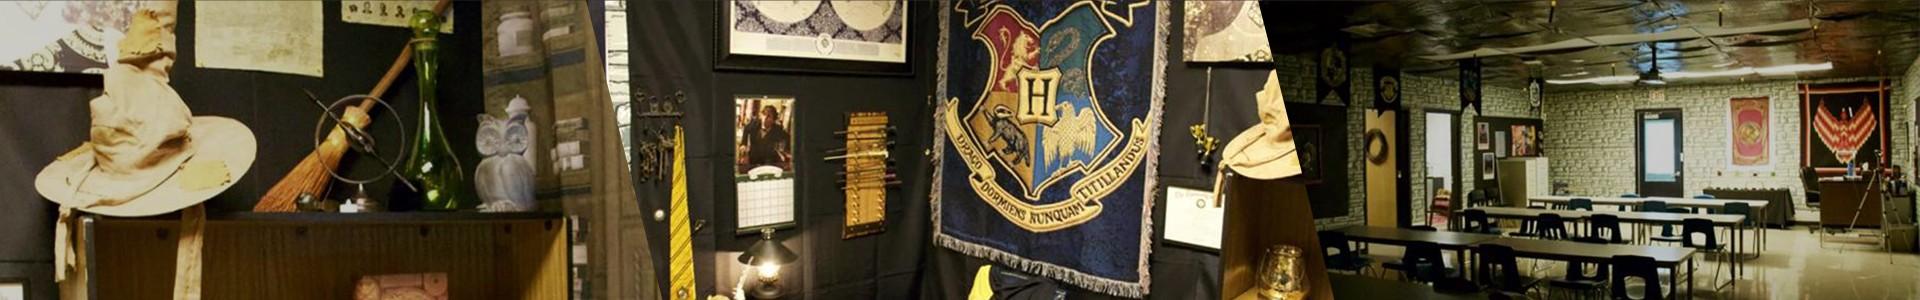 Professor transforma sala de aula em Hogwarts e o resultado ficou incrível